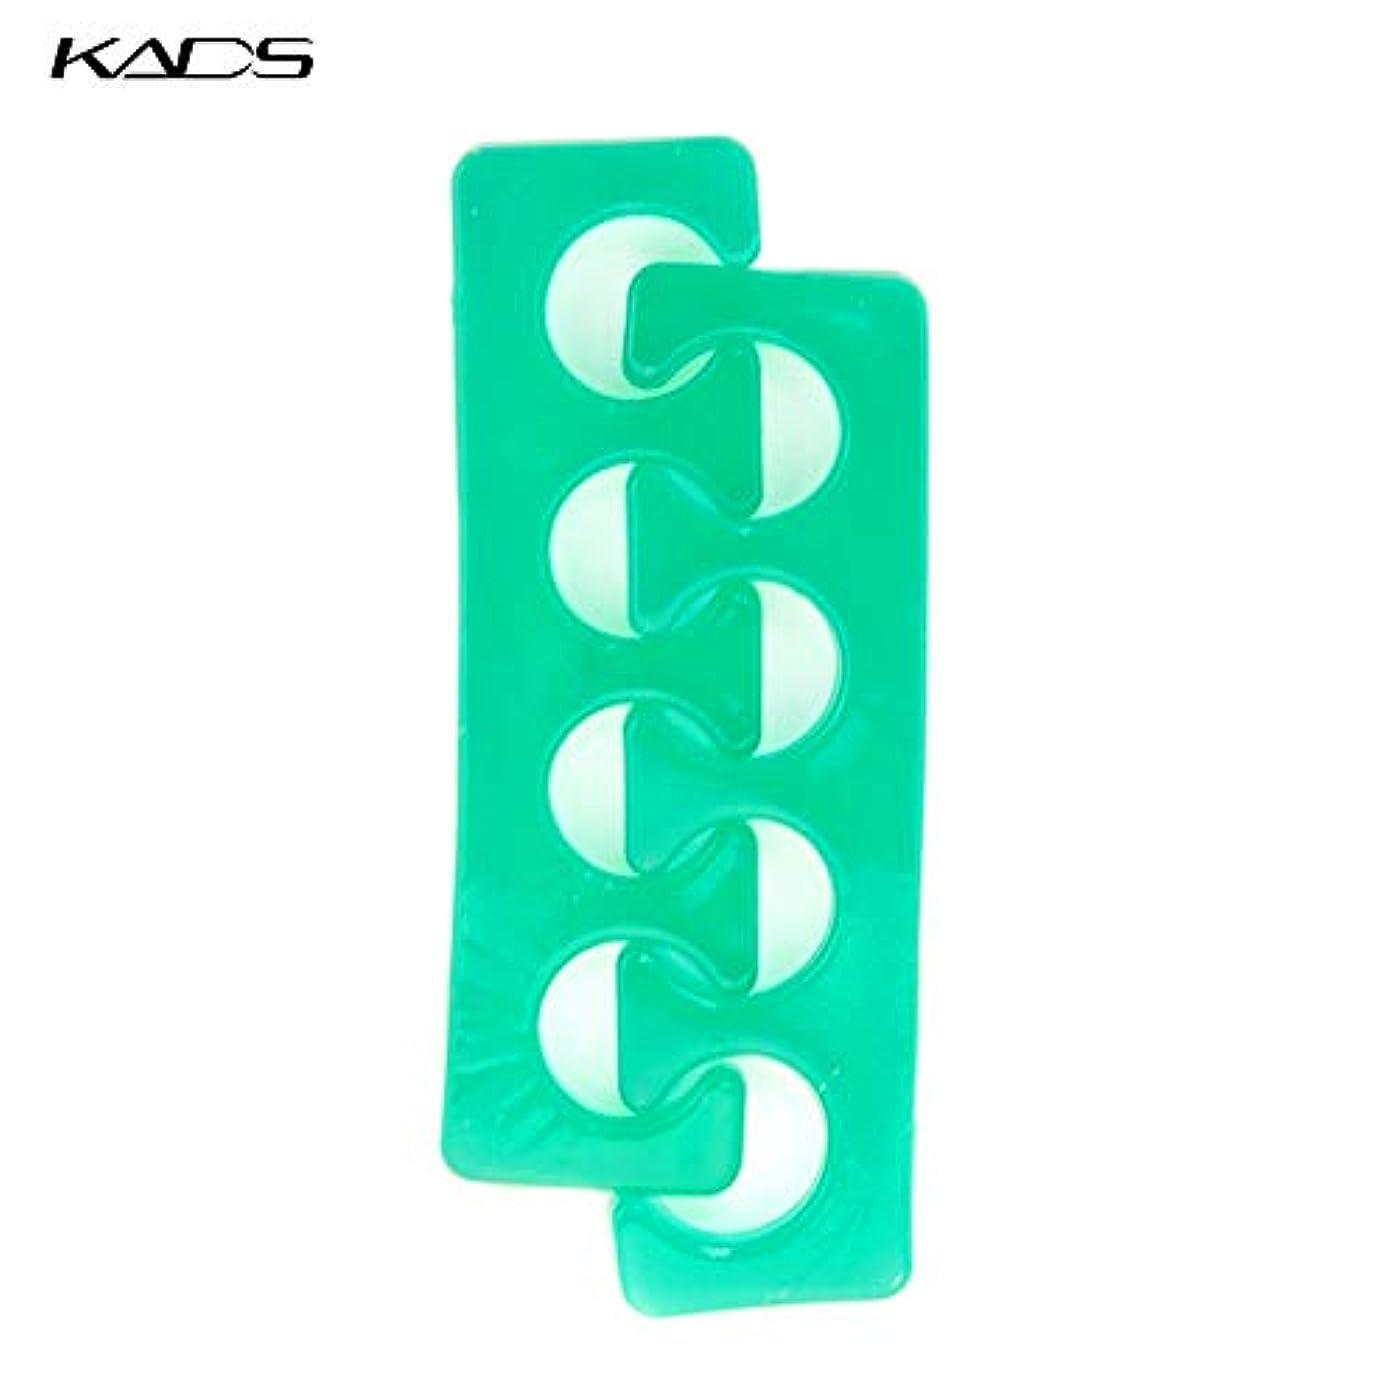 しがみつく断線汚染されたKADS 柔らかいシリコン製 足指セパレーター 2個入り ネイルセパレーター 指間広げる ネイルアート用 (グリーン)